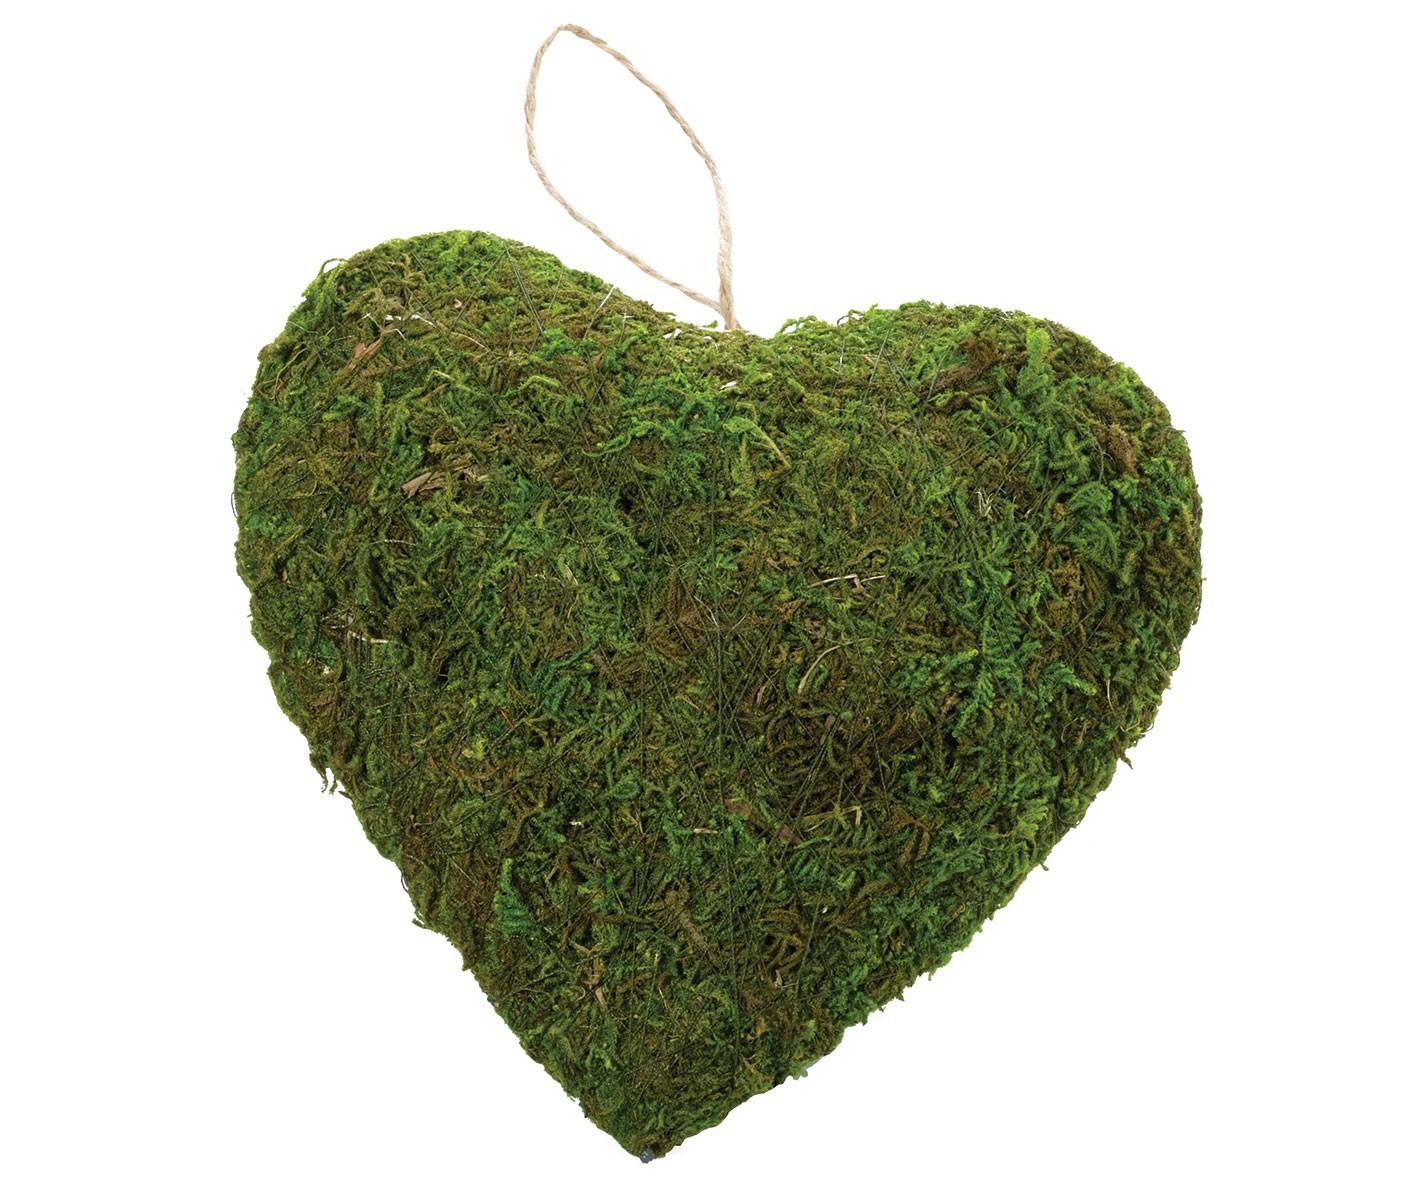 Moss Decor Hanging Heart